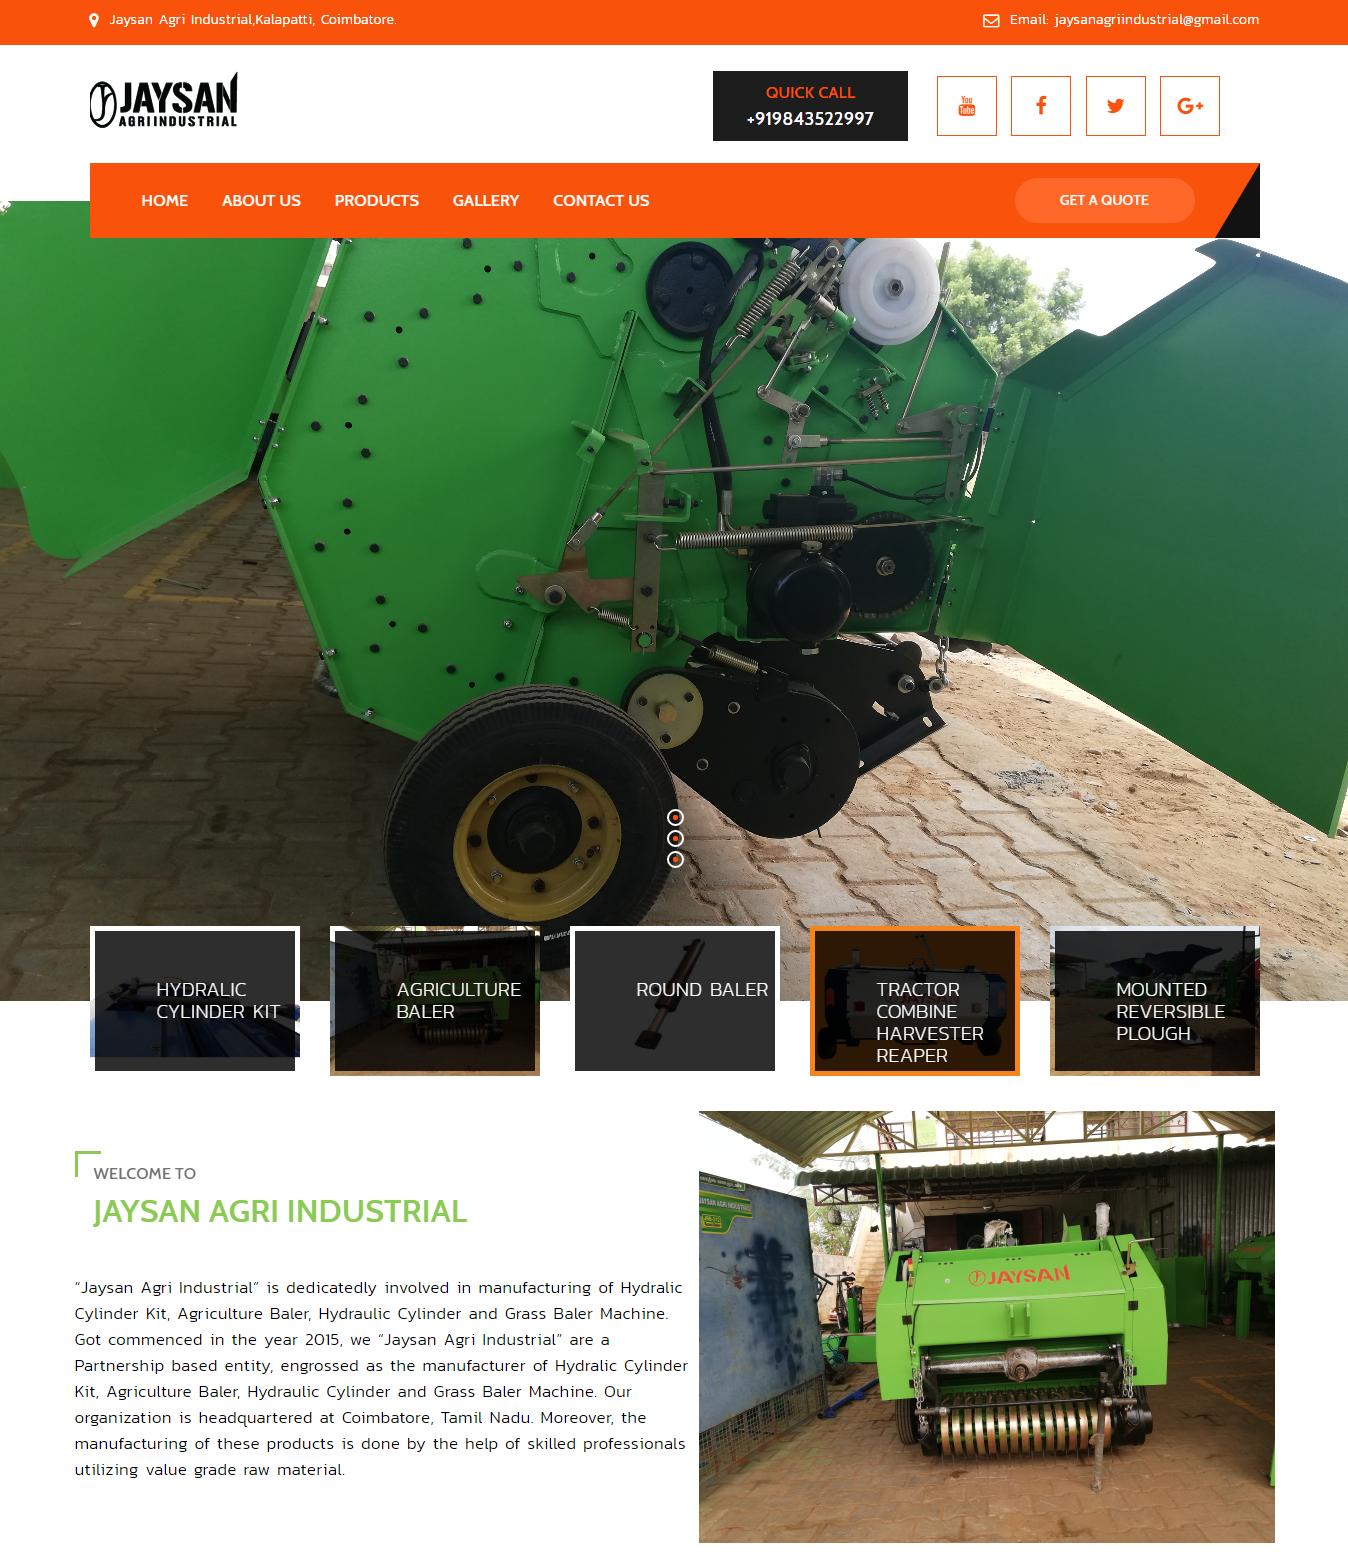 Jaysan Agriindustrial